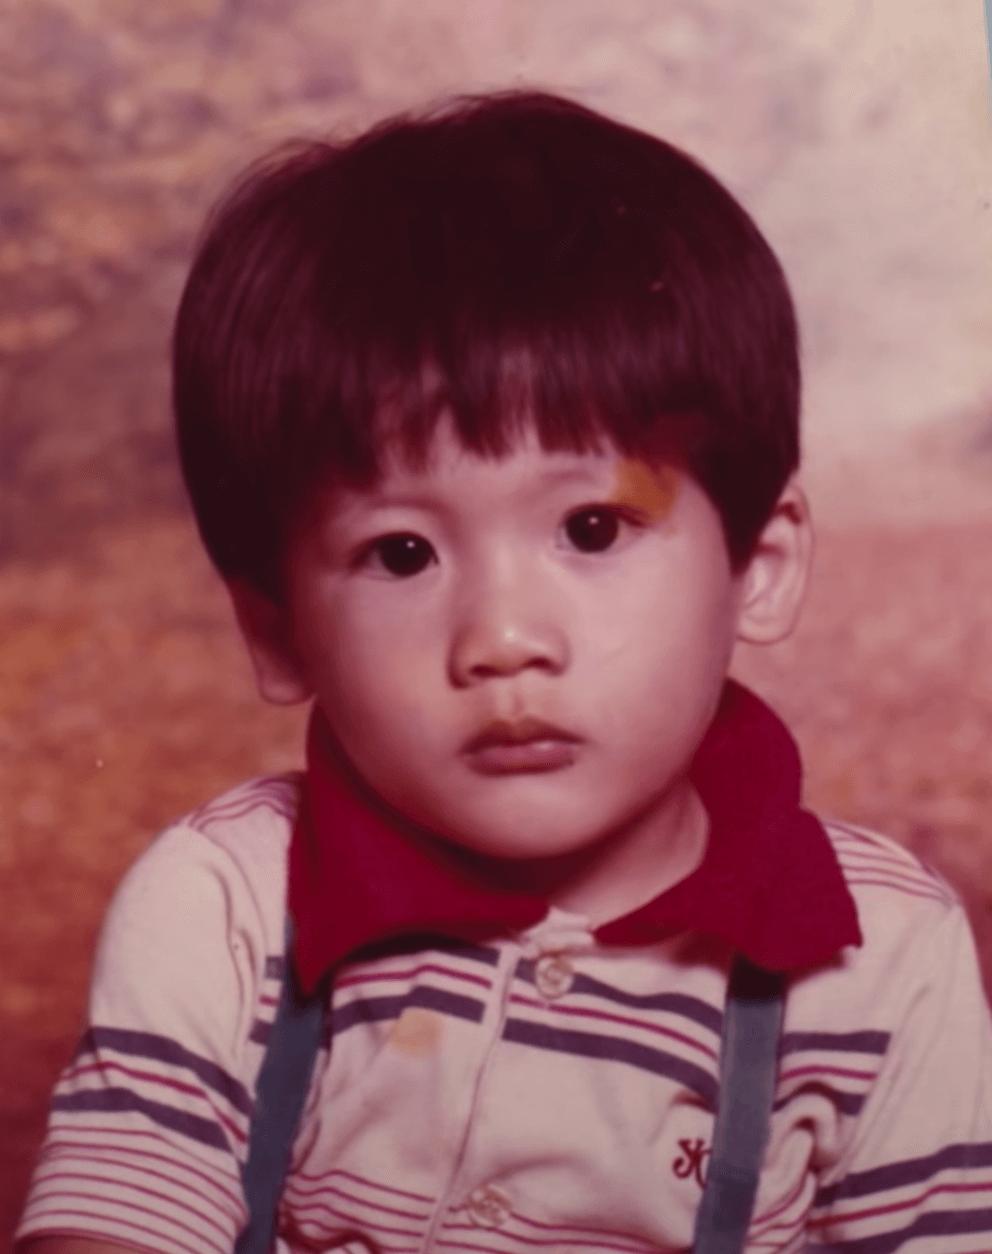 童年時的Kenny眼大大,十分可愛!